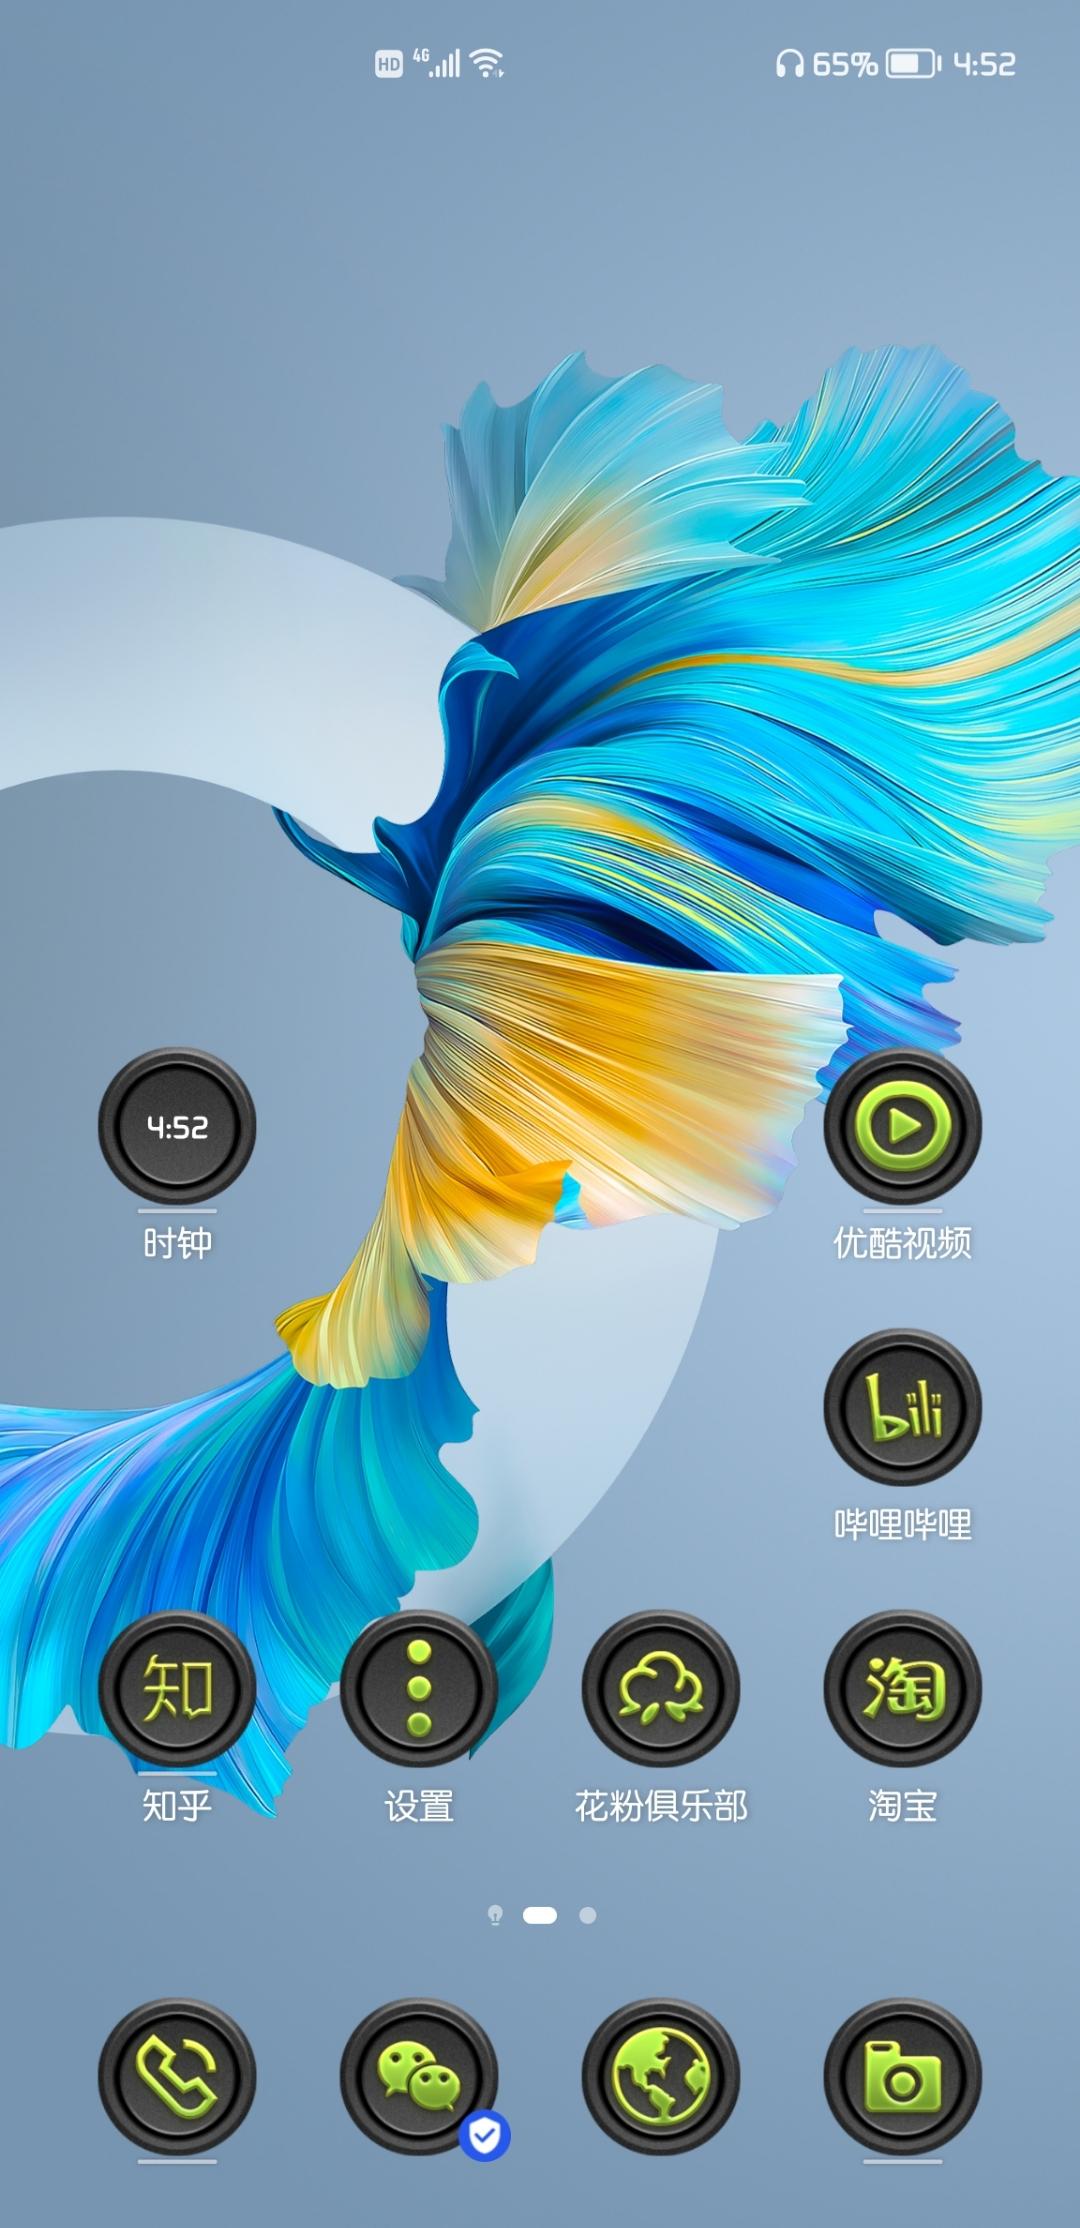 Screenshot_20210928_165212_com.huawei.android.launcher.jpg